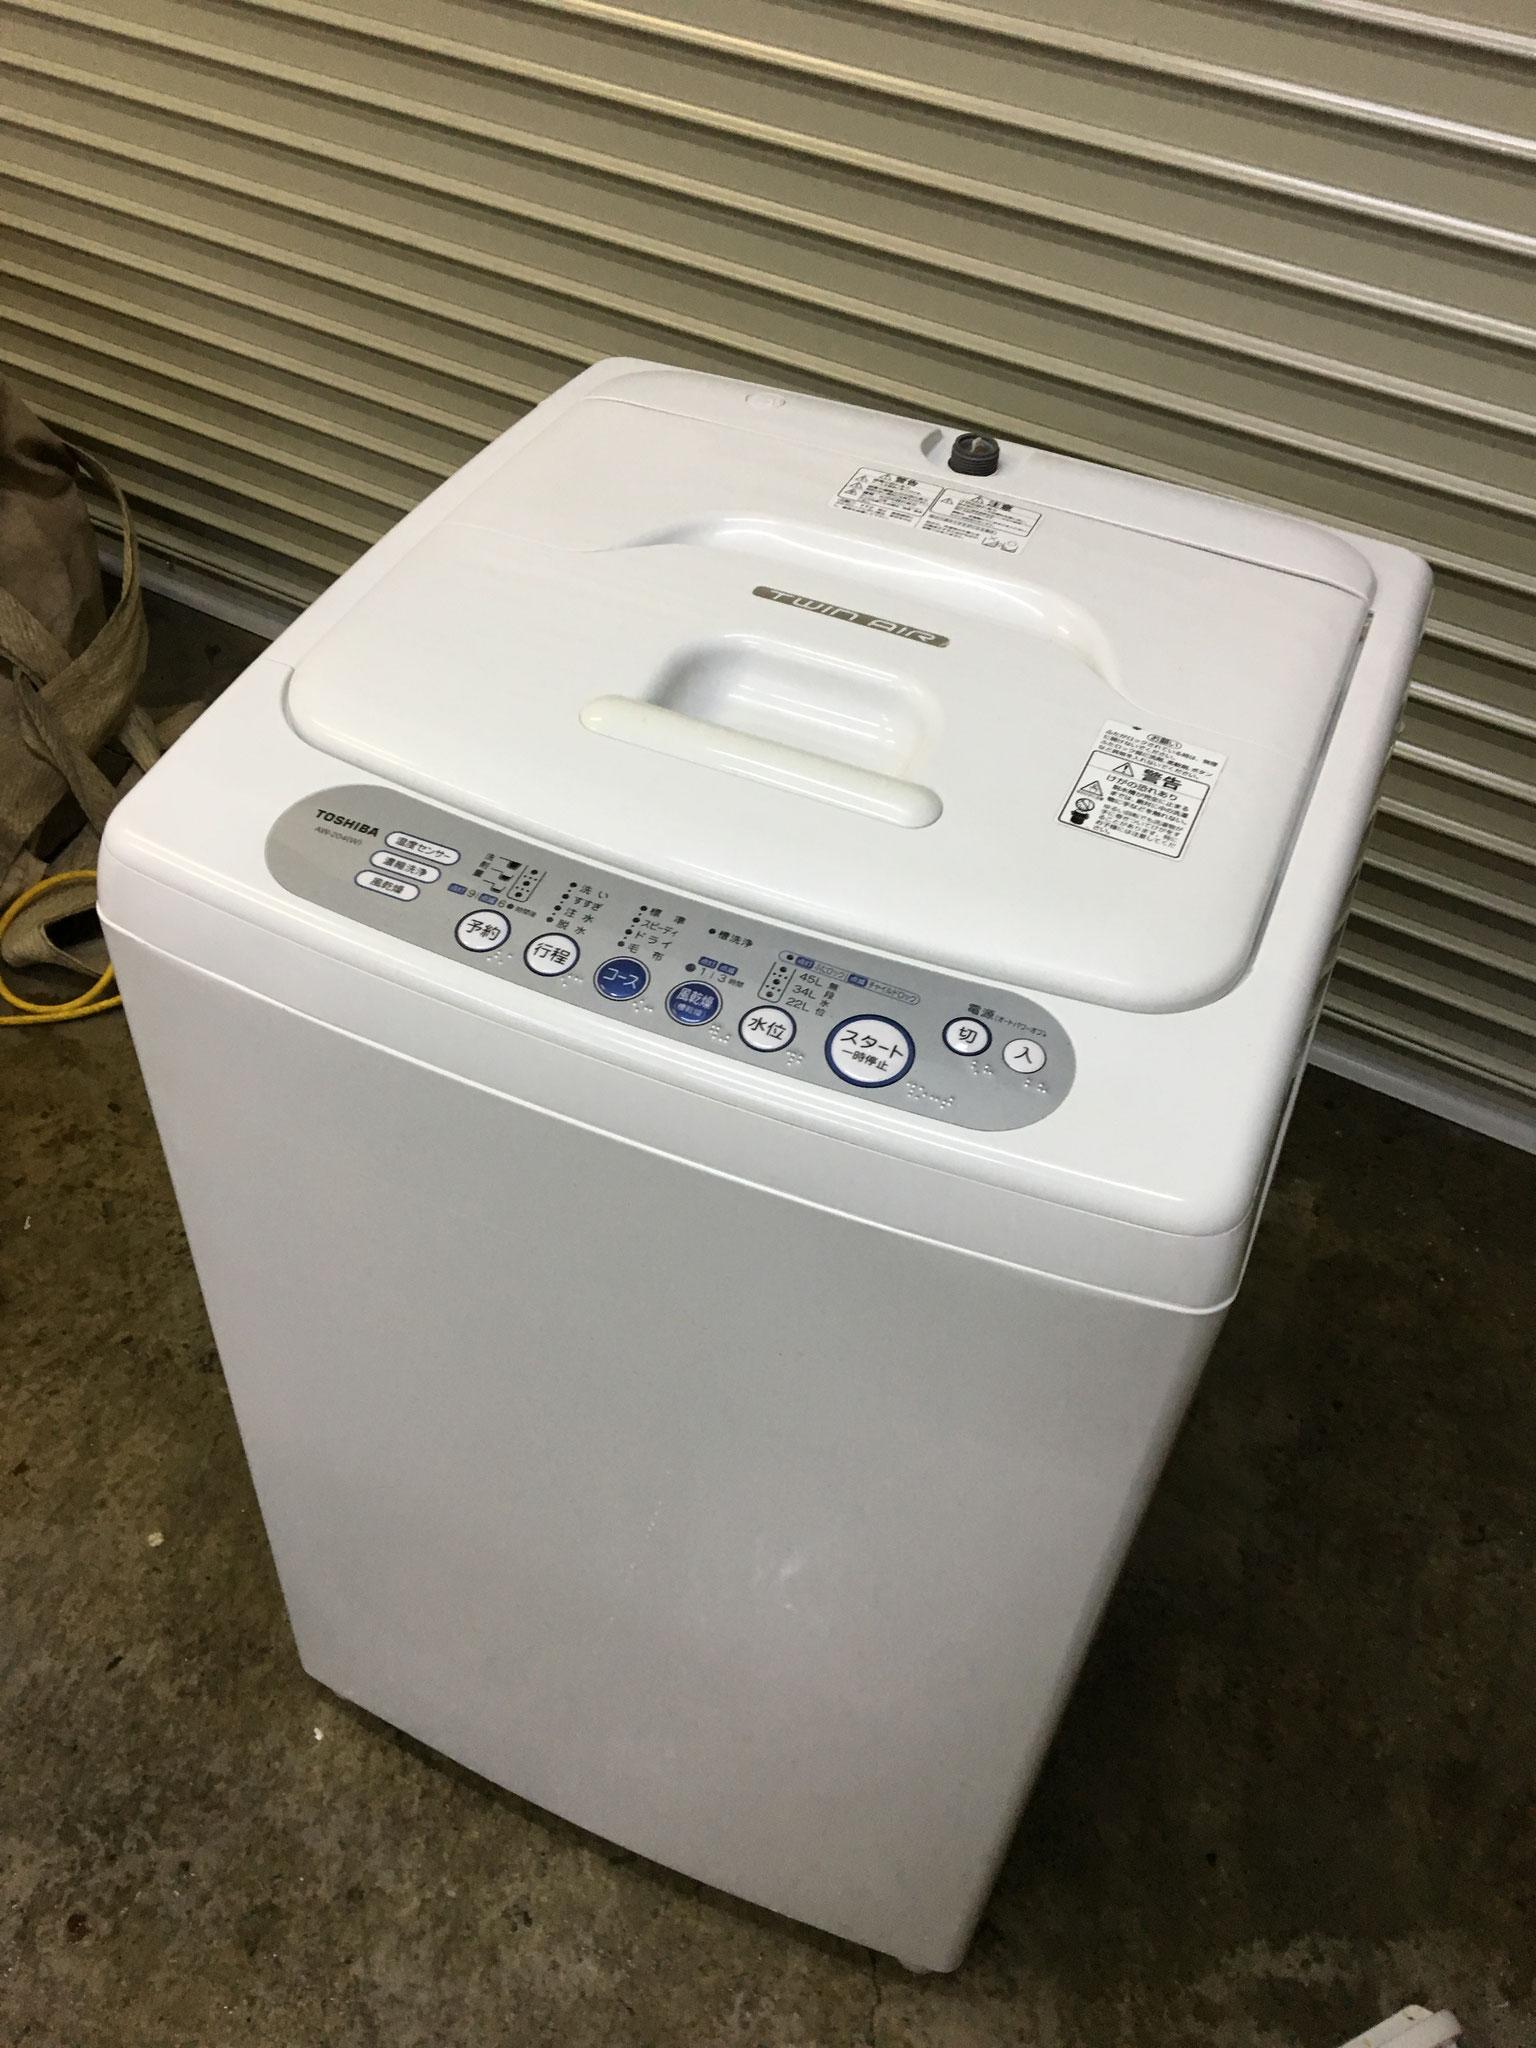 2009年製4.2㎏札幌洗濯機買取500円